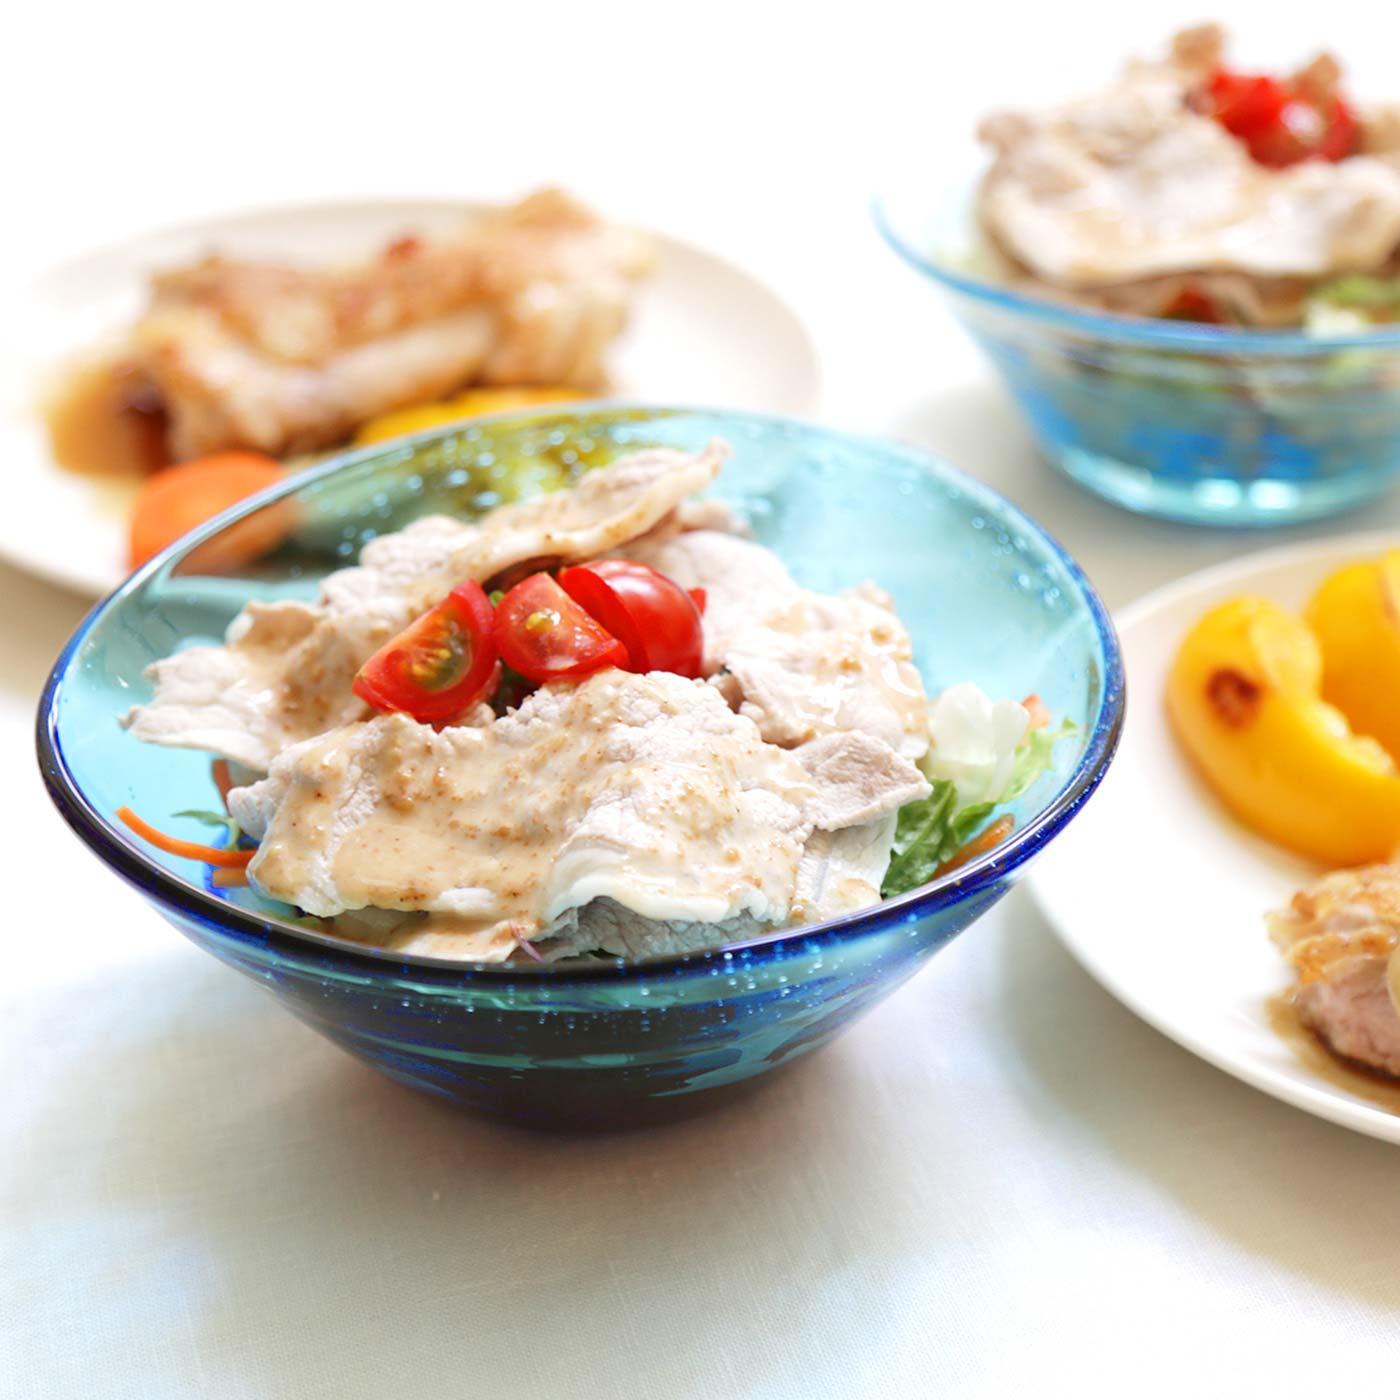 光を通したきれいなブルーでサラダがごちそうメニューに変身!